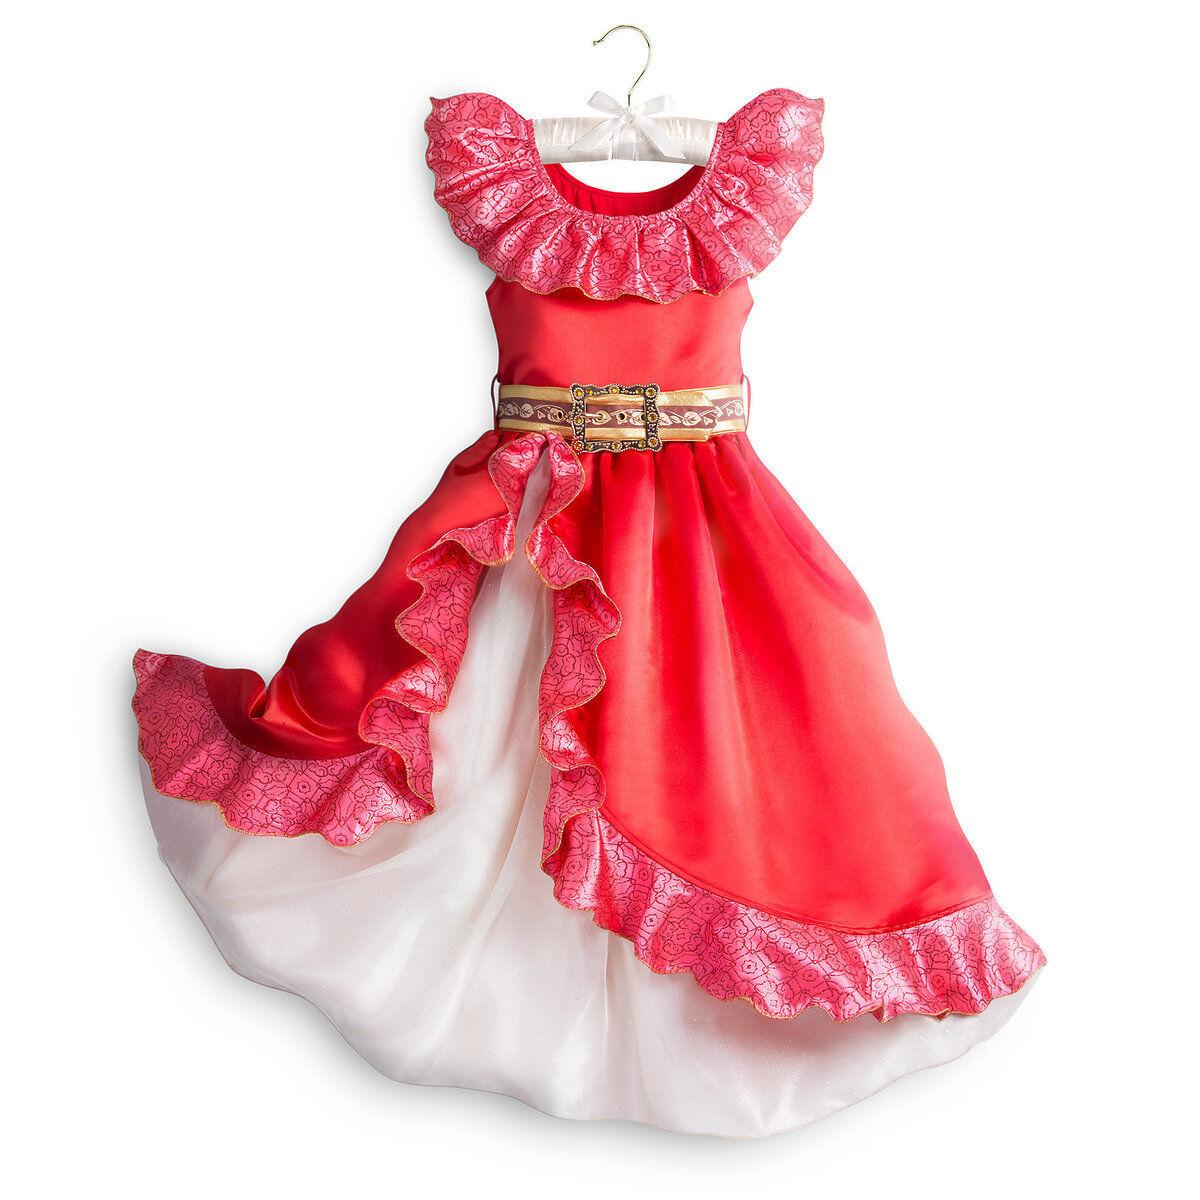 elena of avalor costume for girls halloween